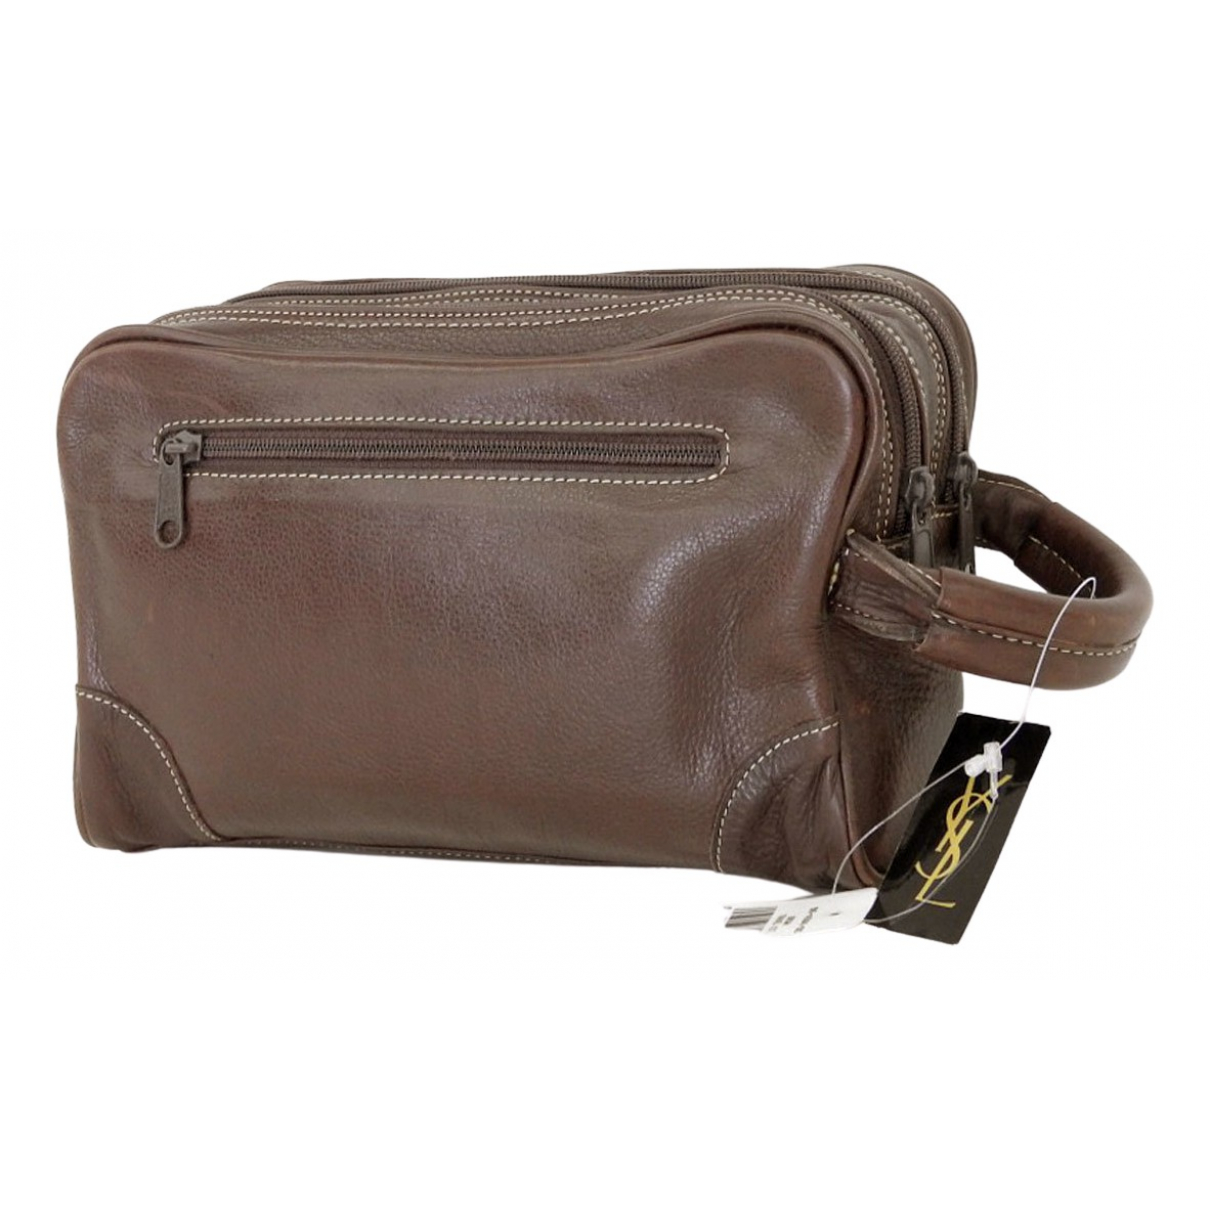 Yves Saint Laurent - Sac de voyage   pour femme en cuir - marron